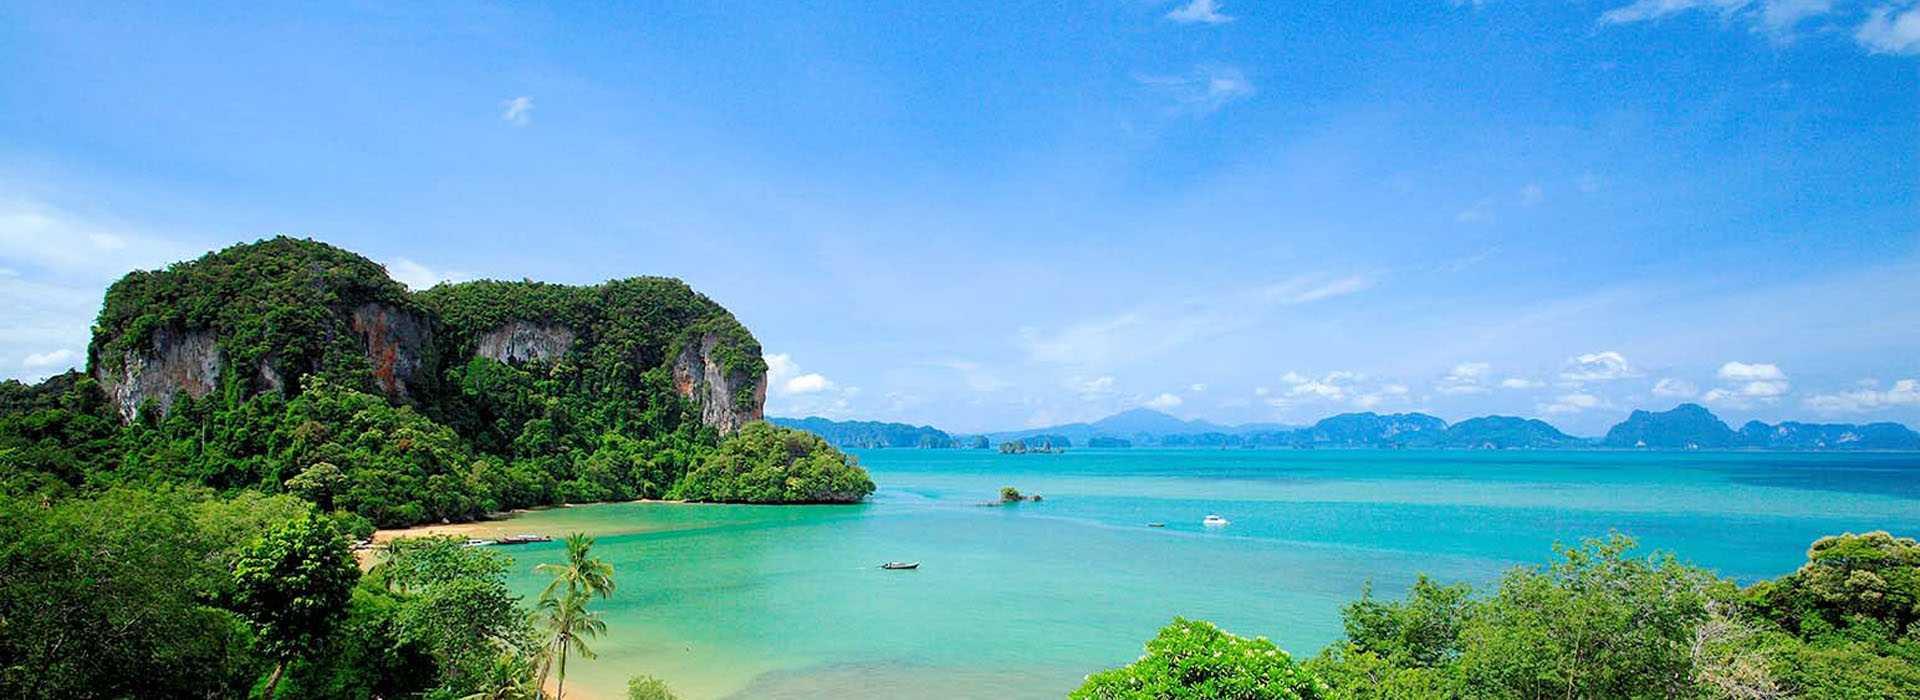 Best hotels in Ko Yao Noi Transferotel